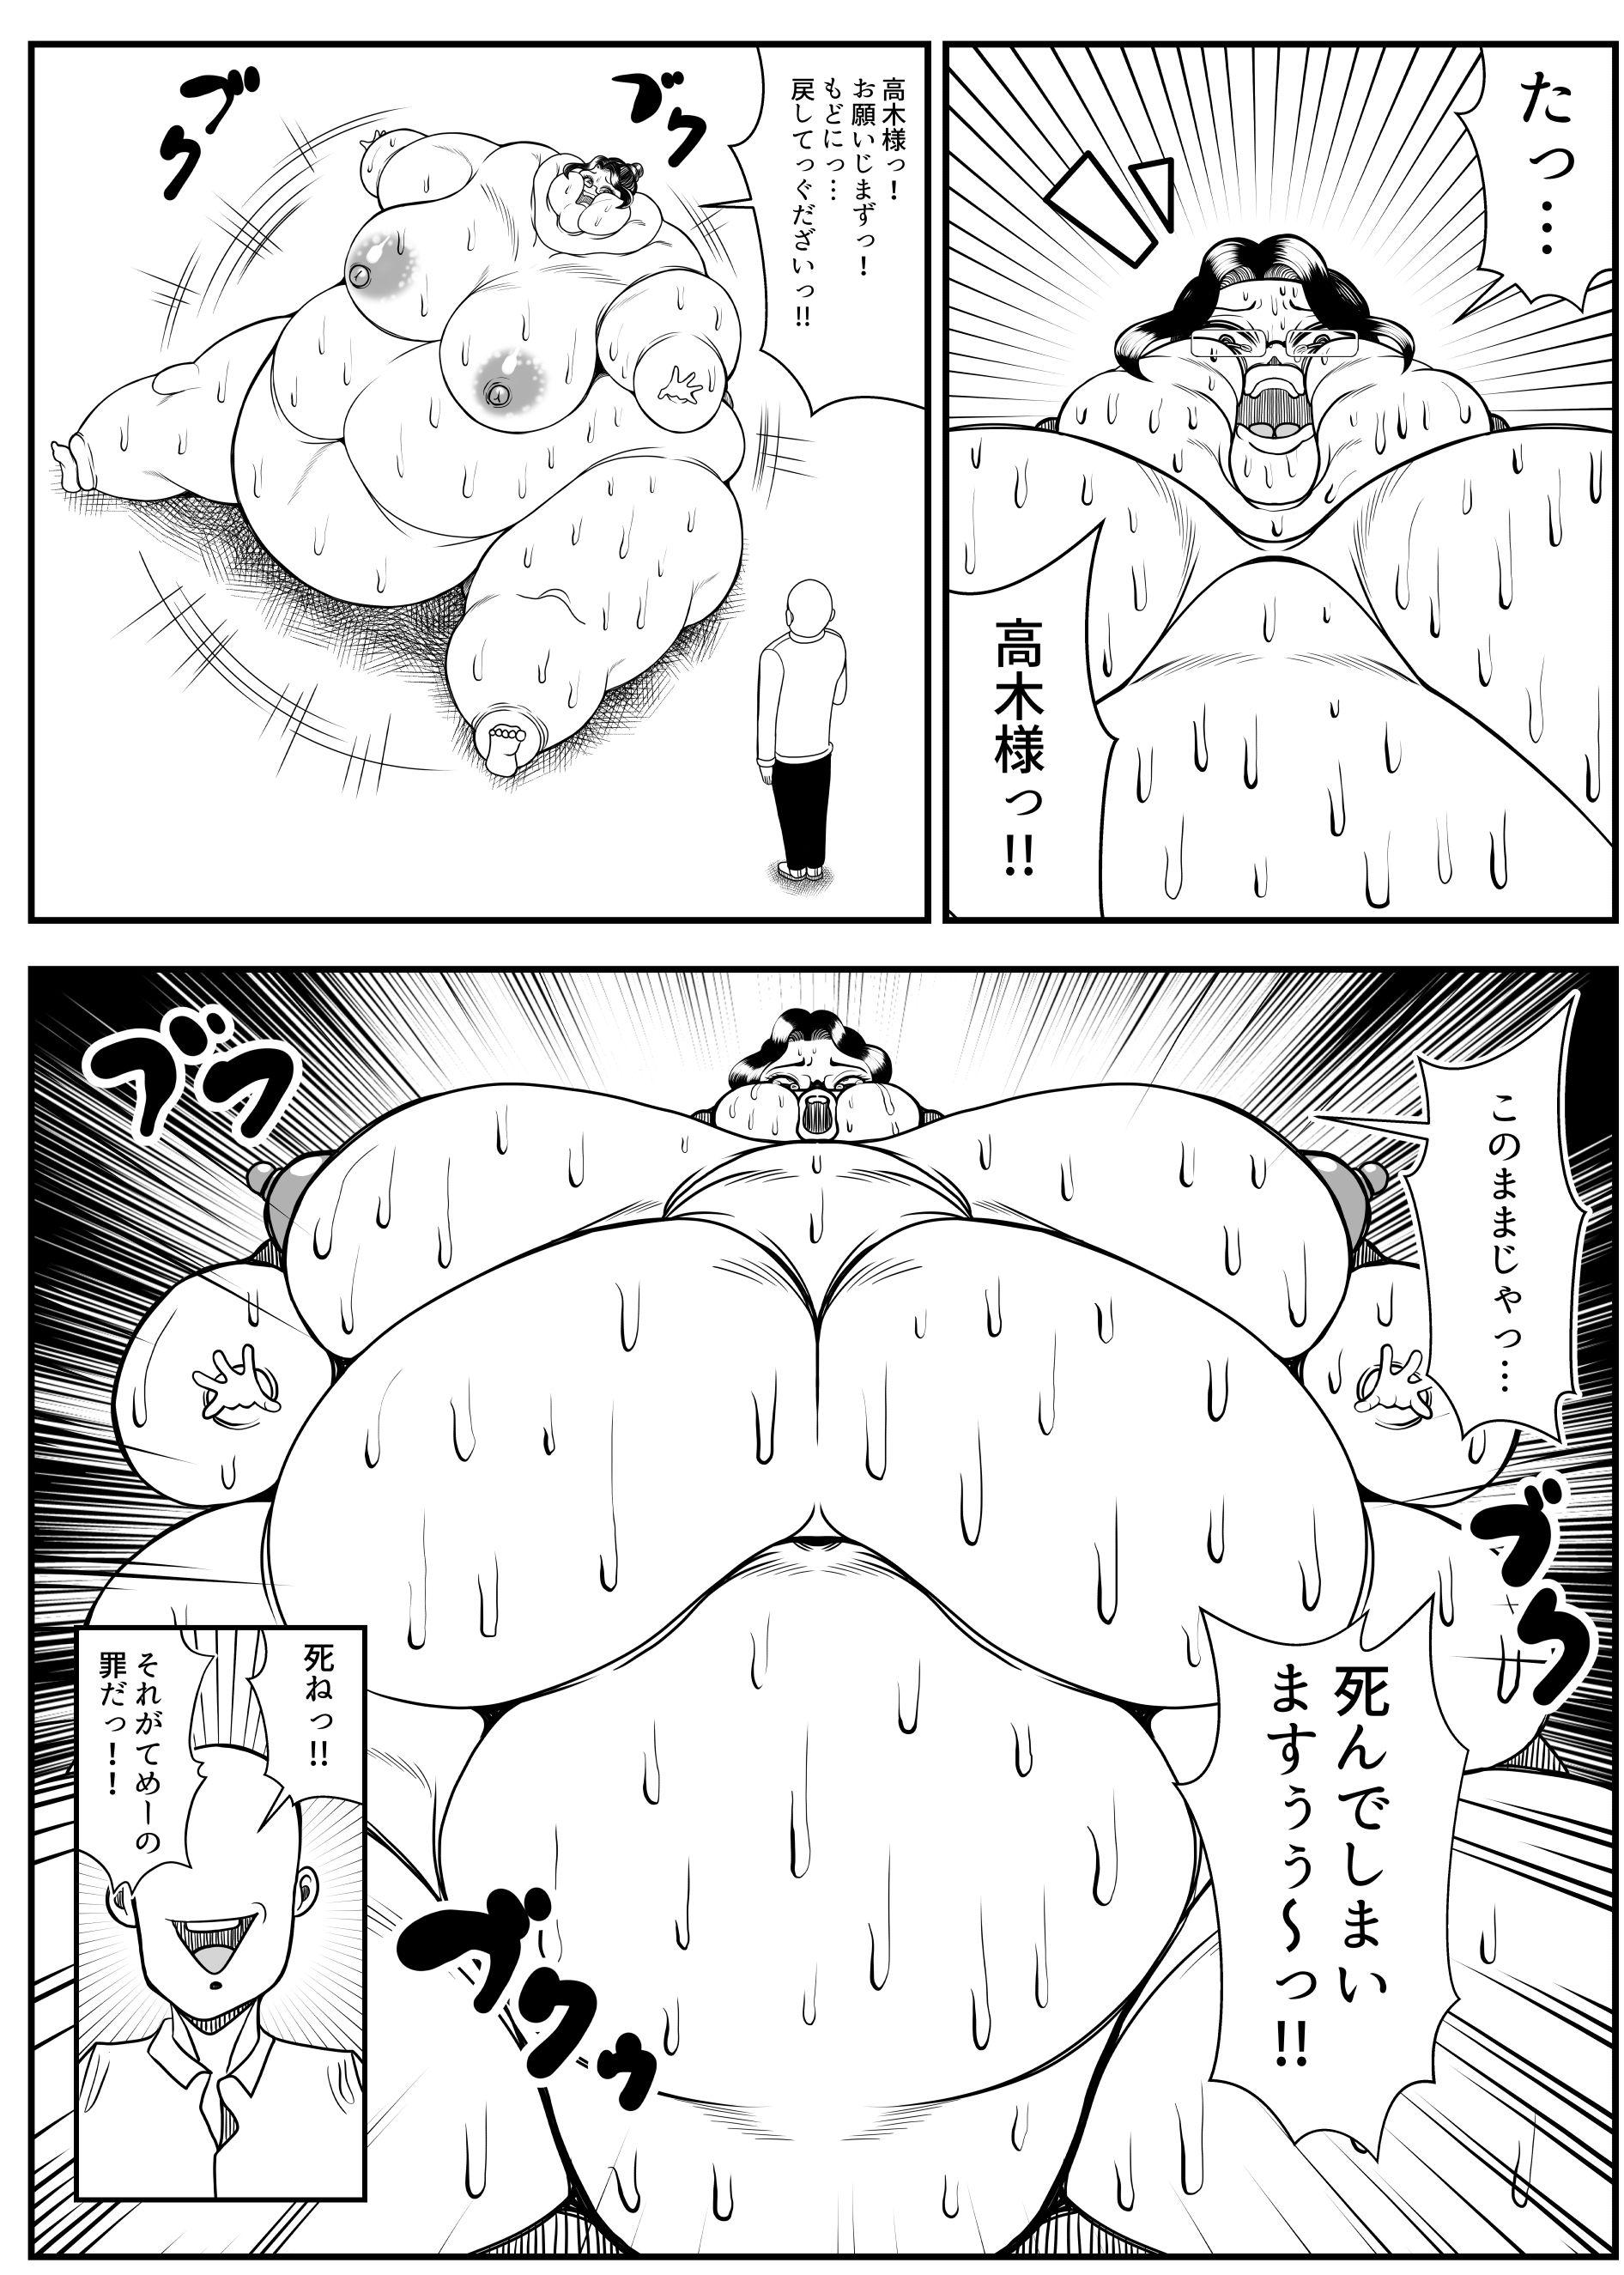 肥満化アプリ(熟女学年主任編)のサンプル画像6